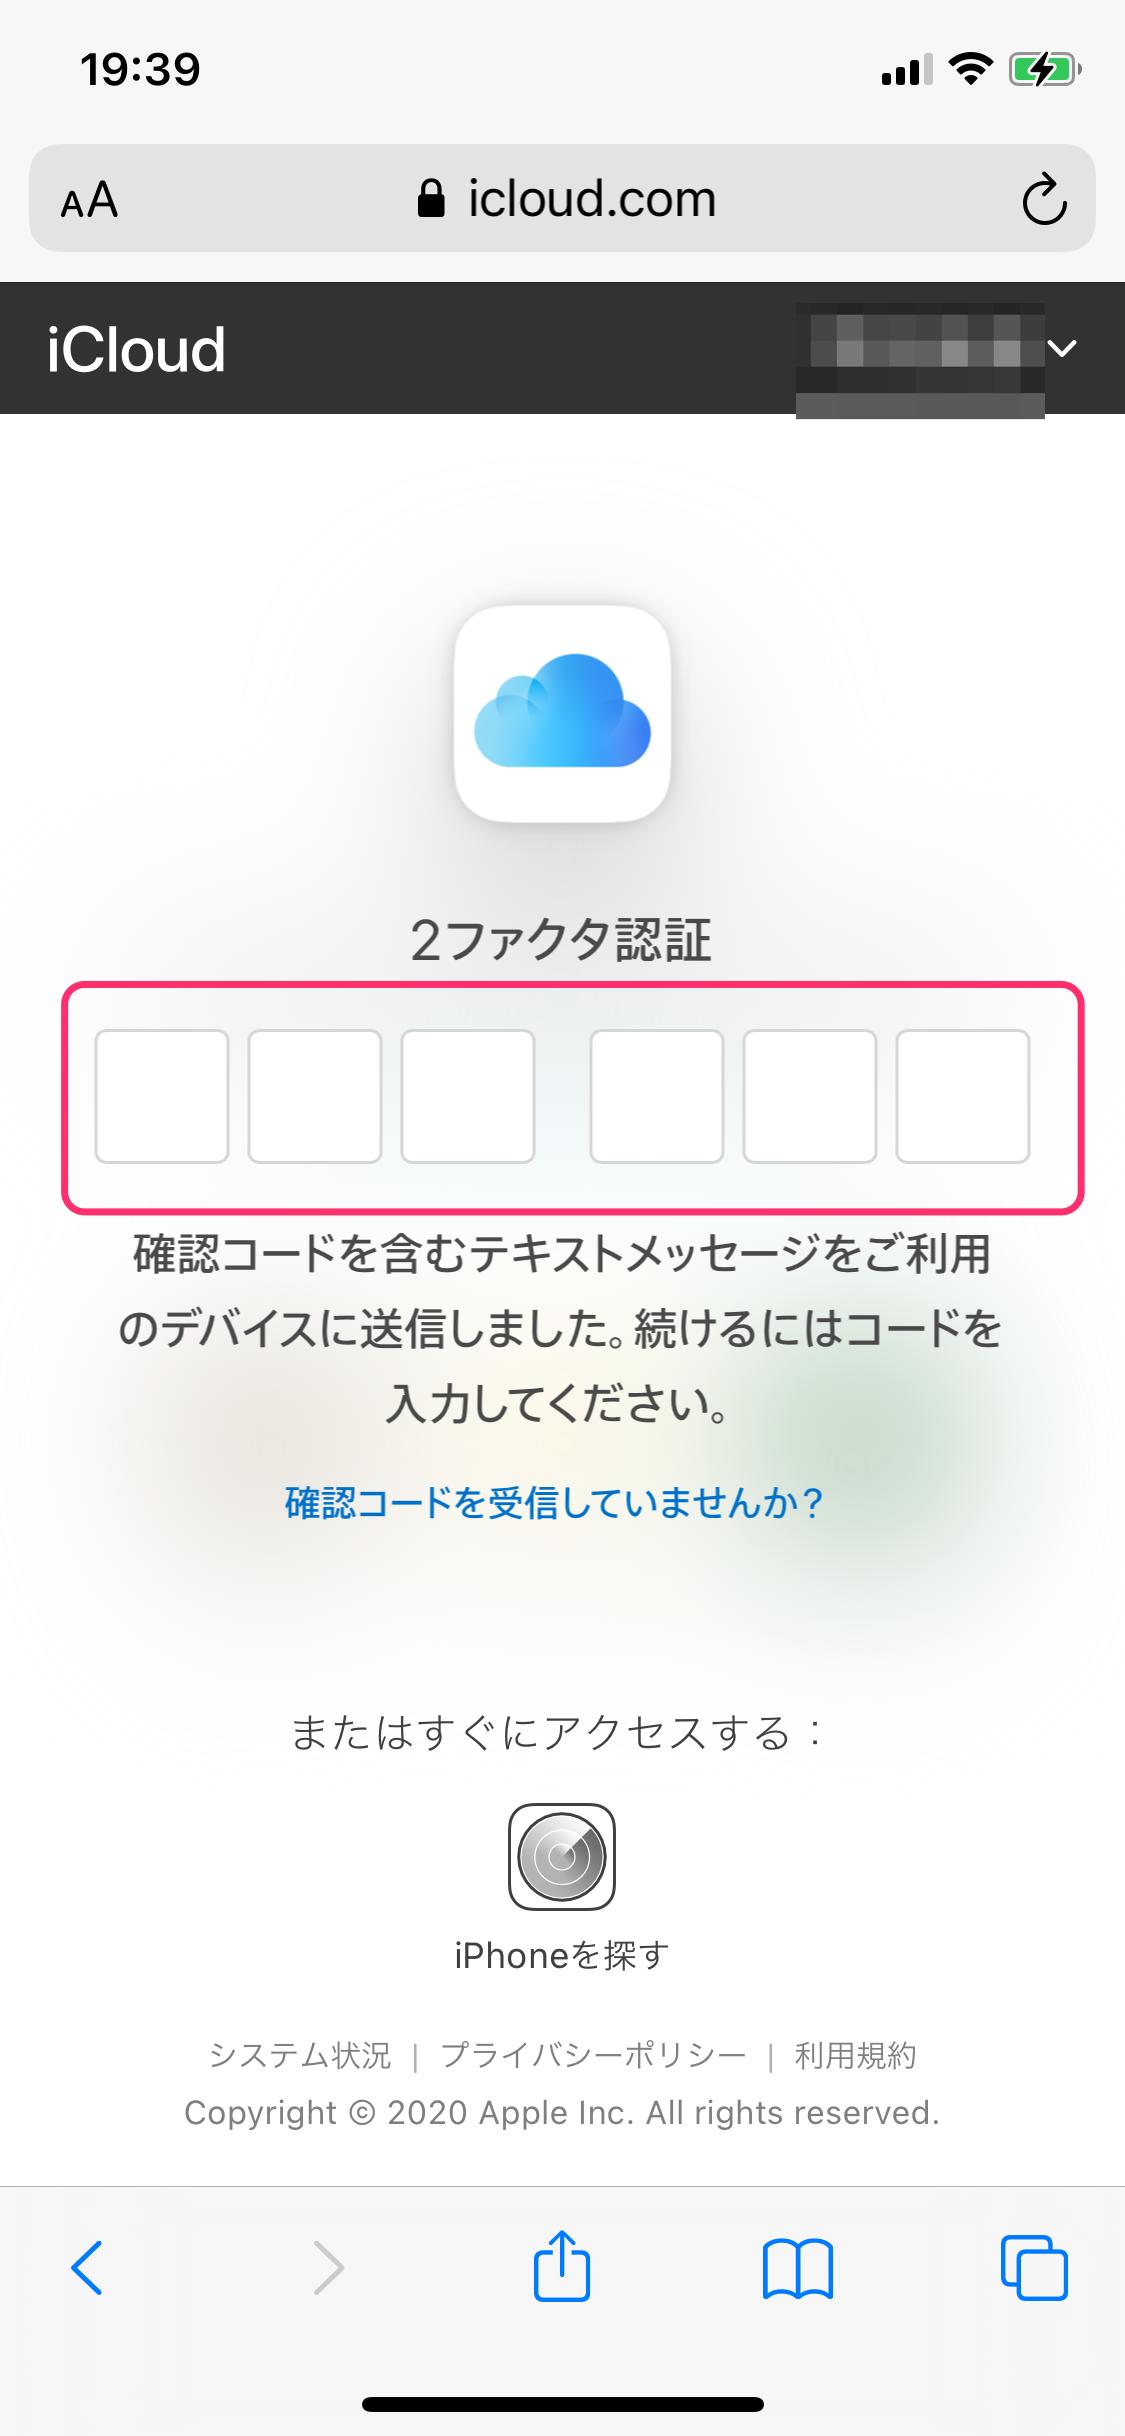 iCloud 確認コード